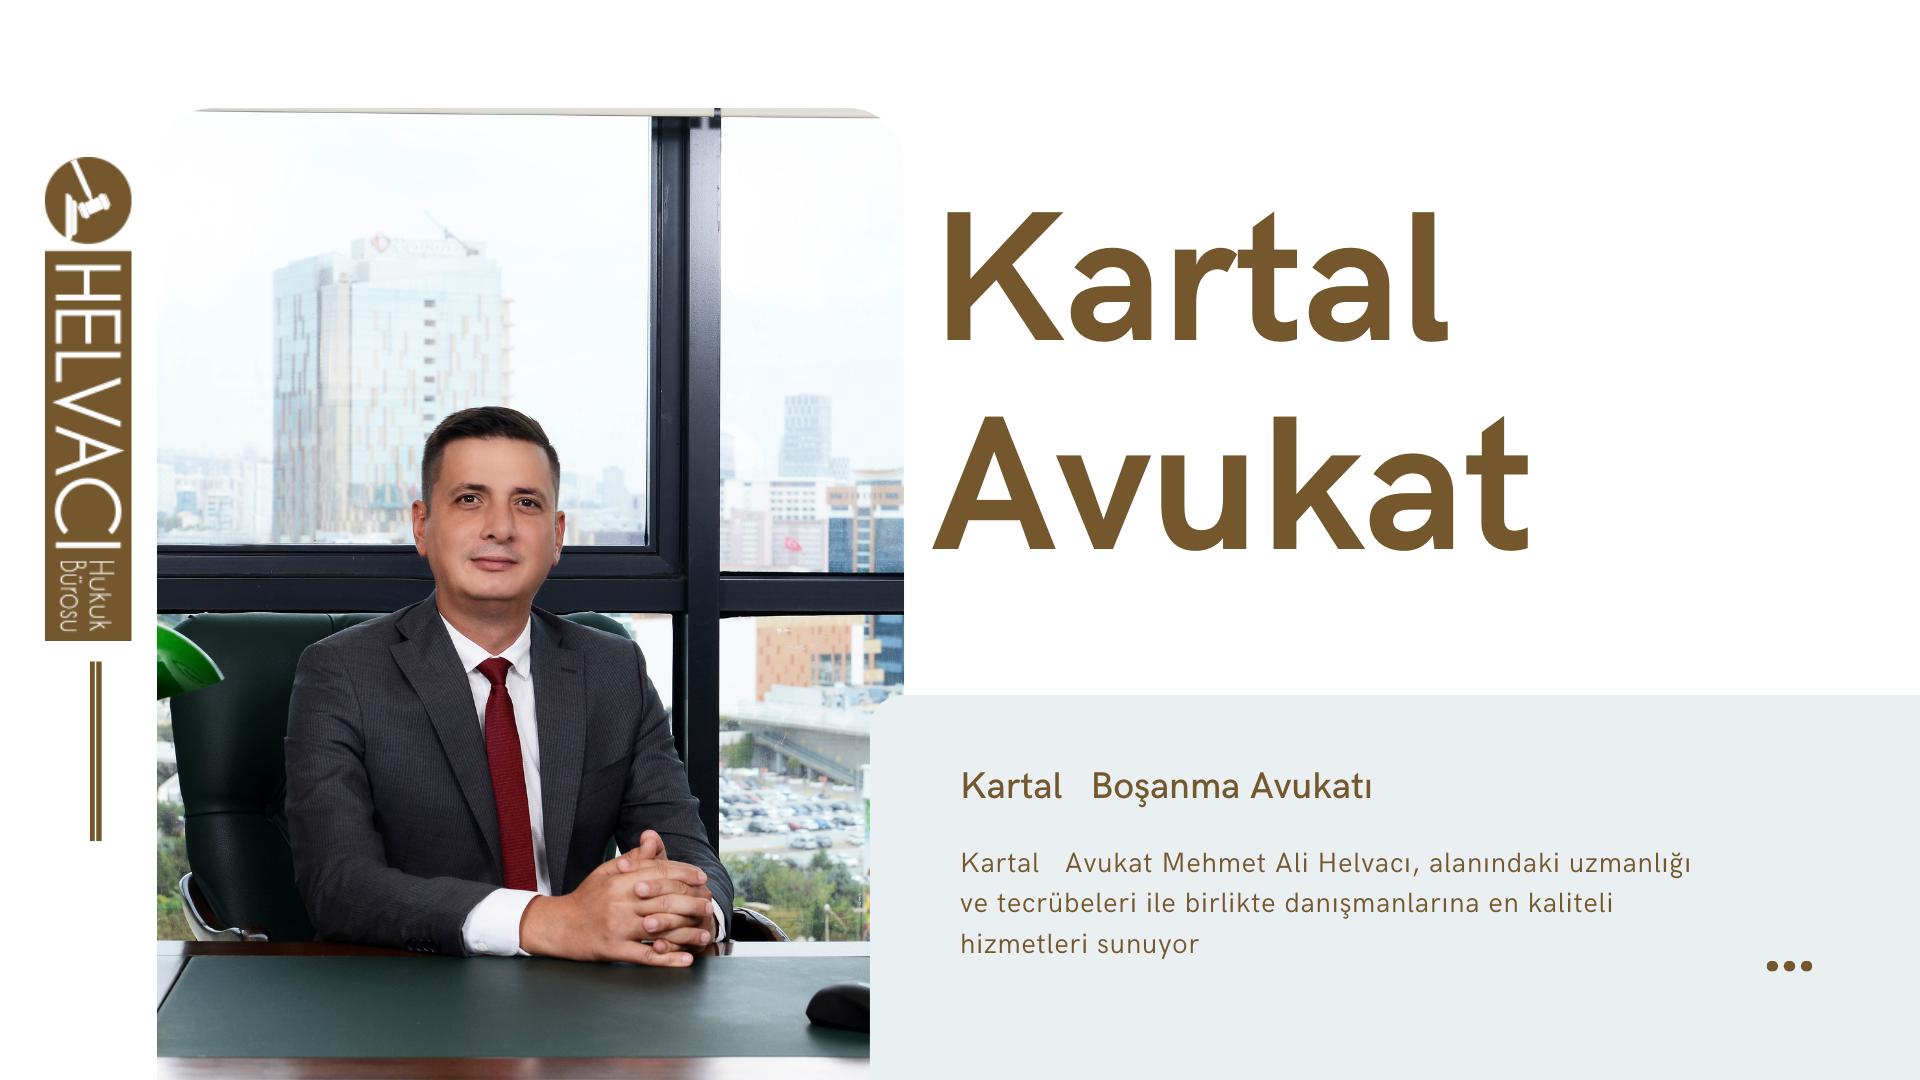 Kartal Avukat